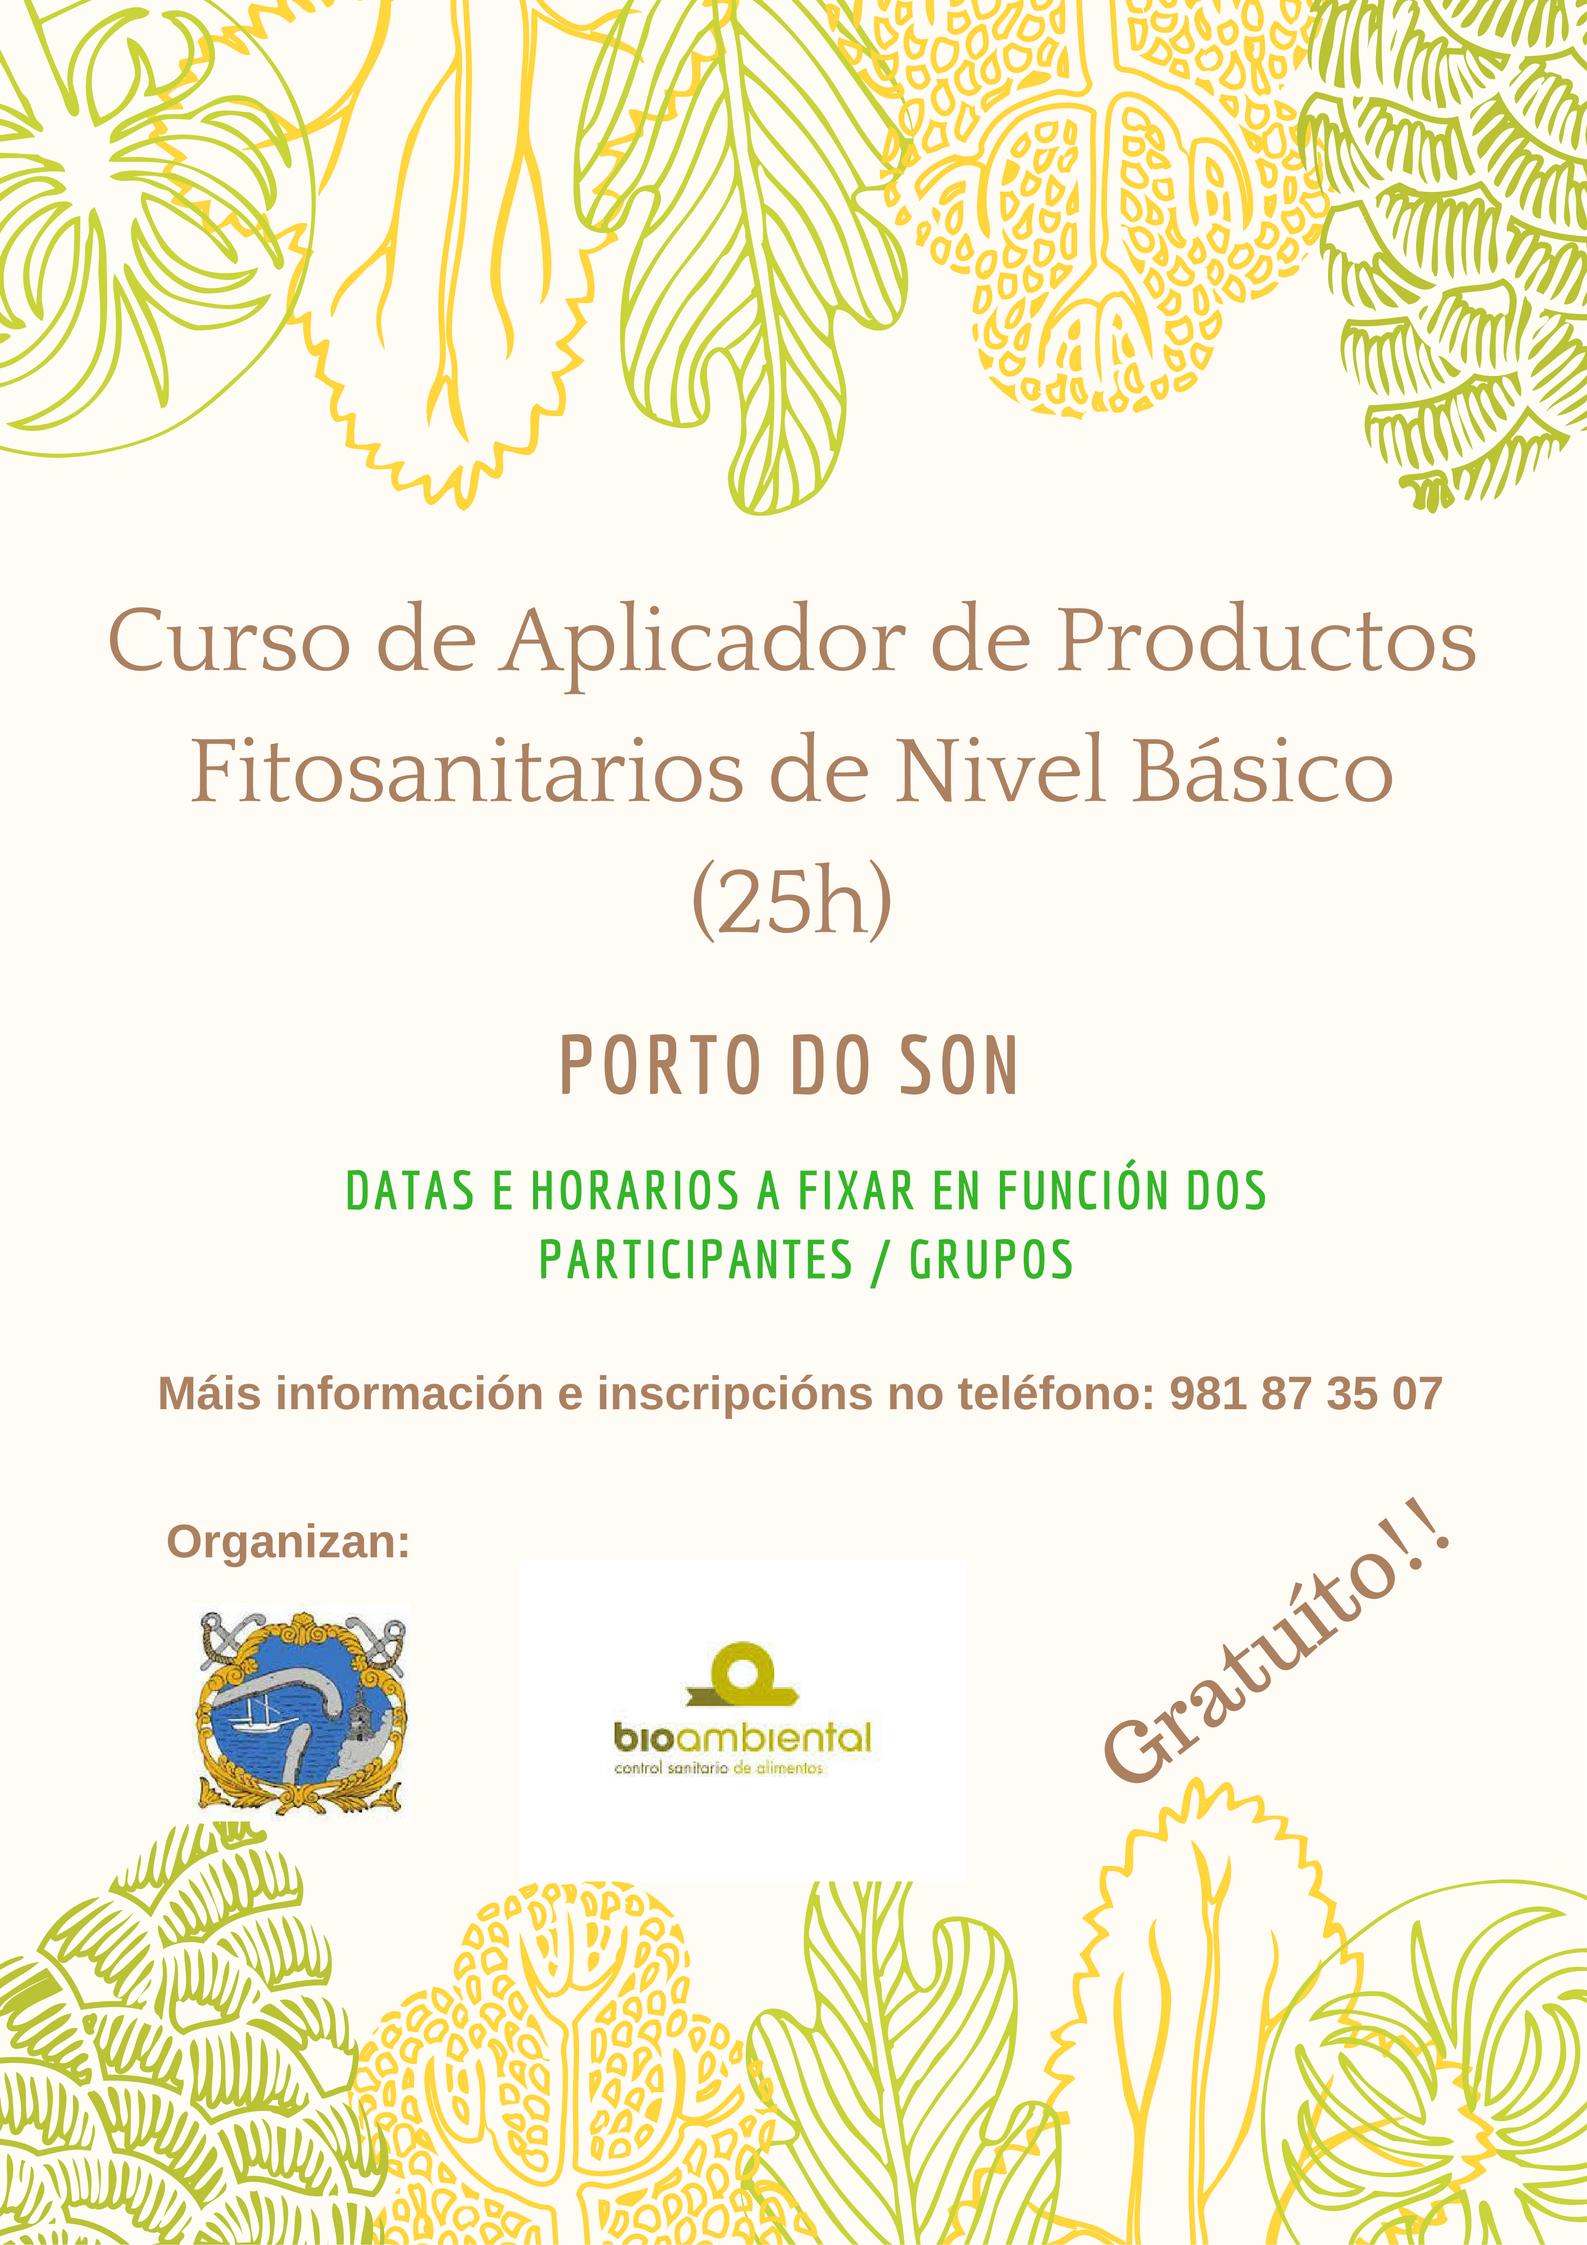 curso-de-aplicador-de-productos-fitosanitarios-de-nivel-basico-25h